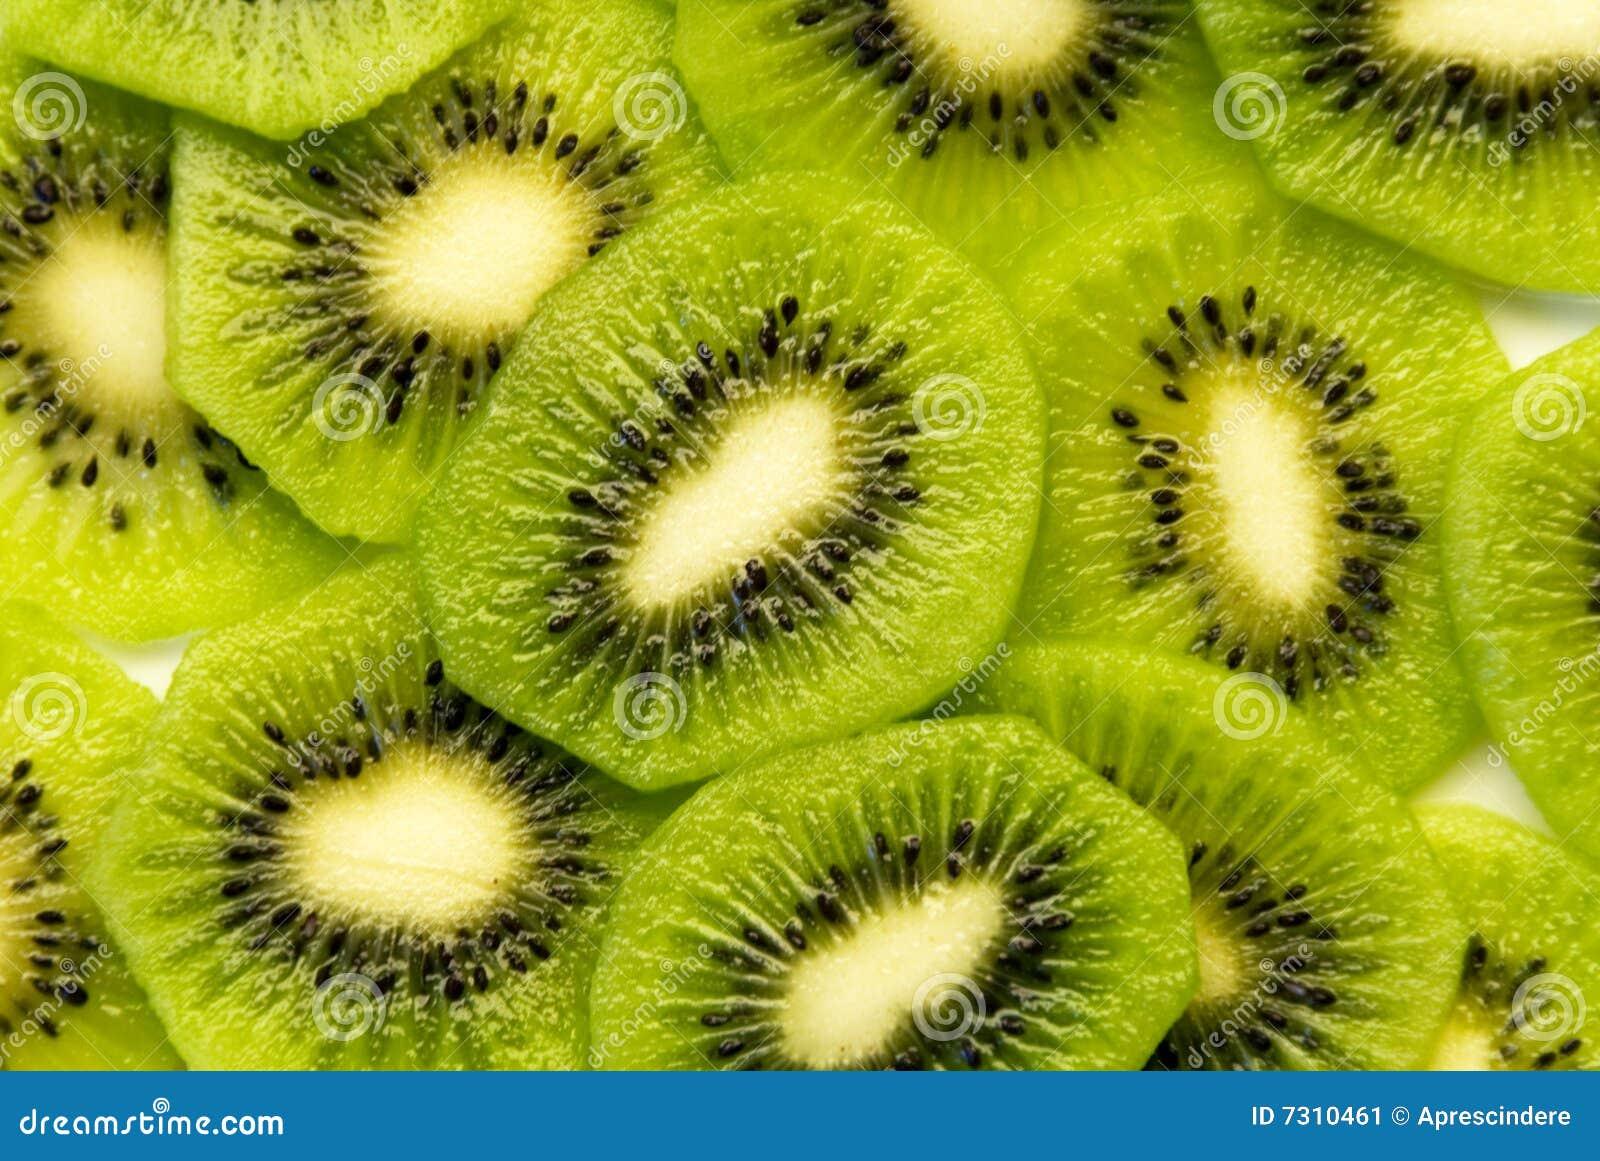 Kiwi Slices Stock Image Image 7310461